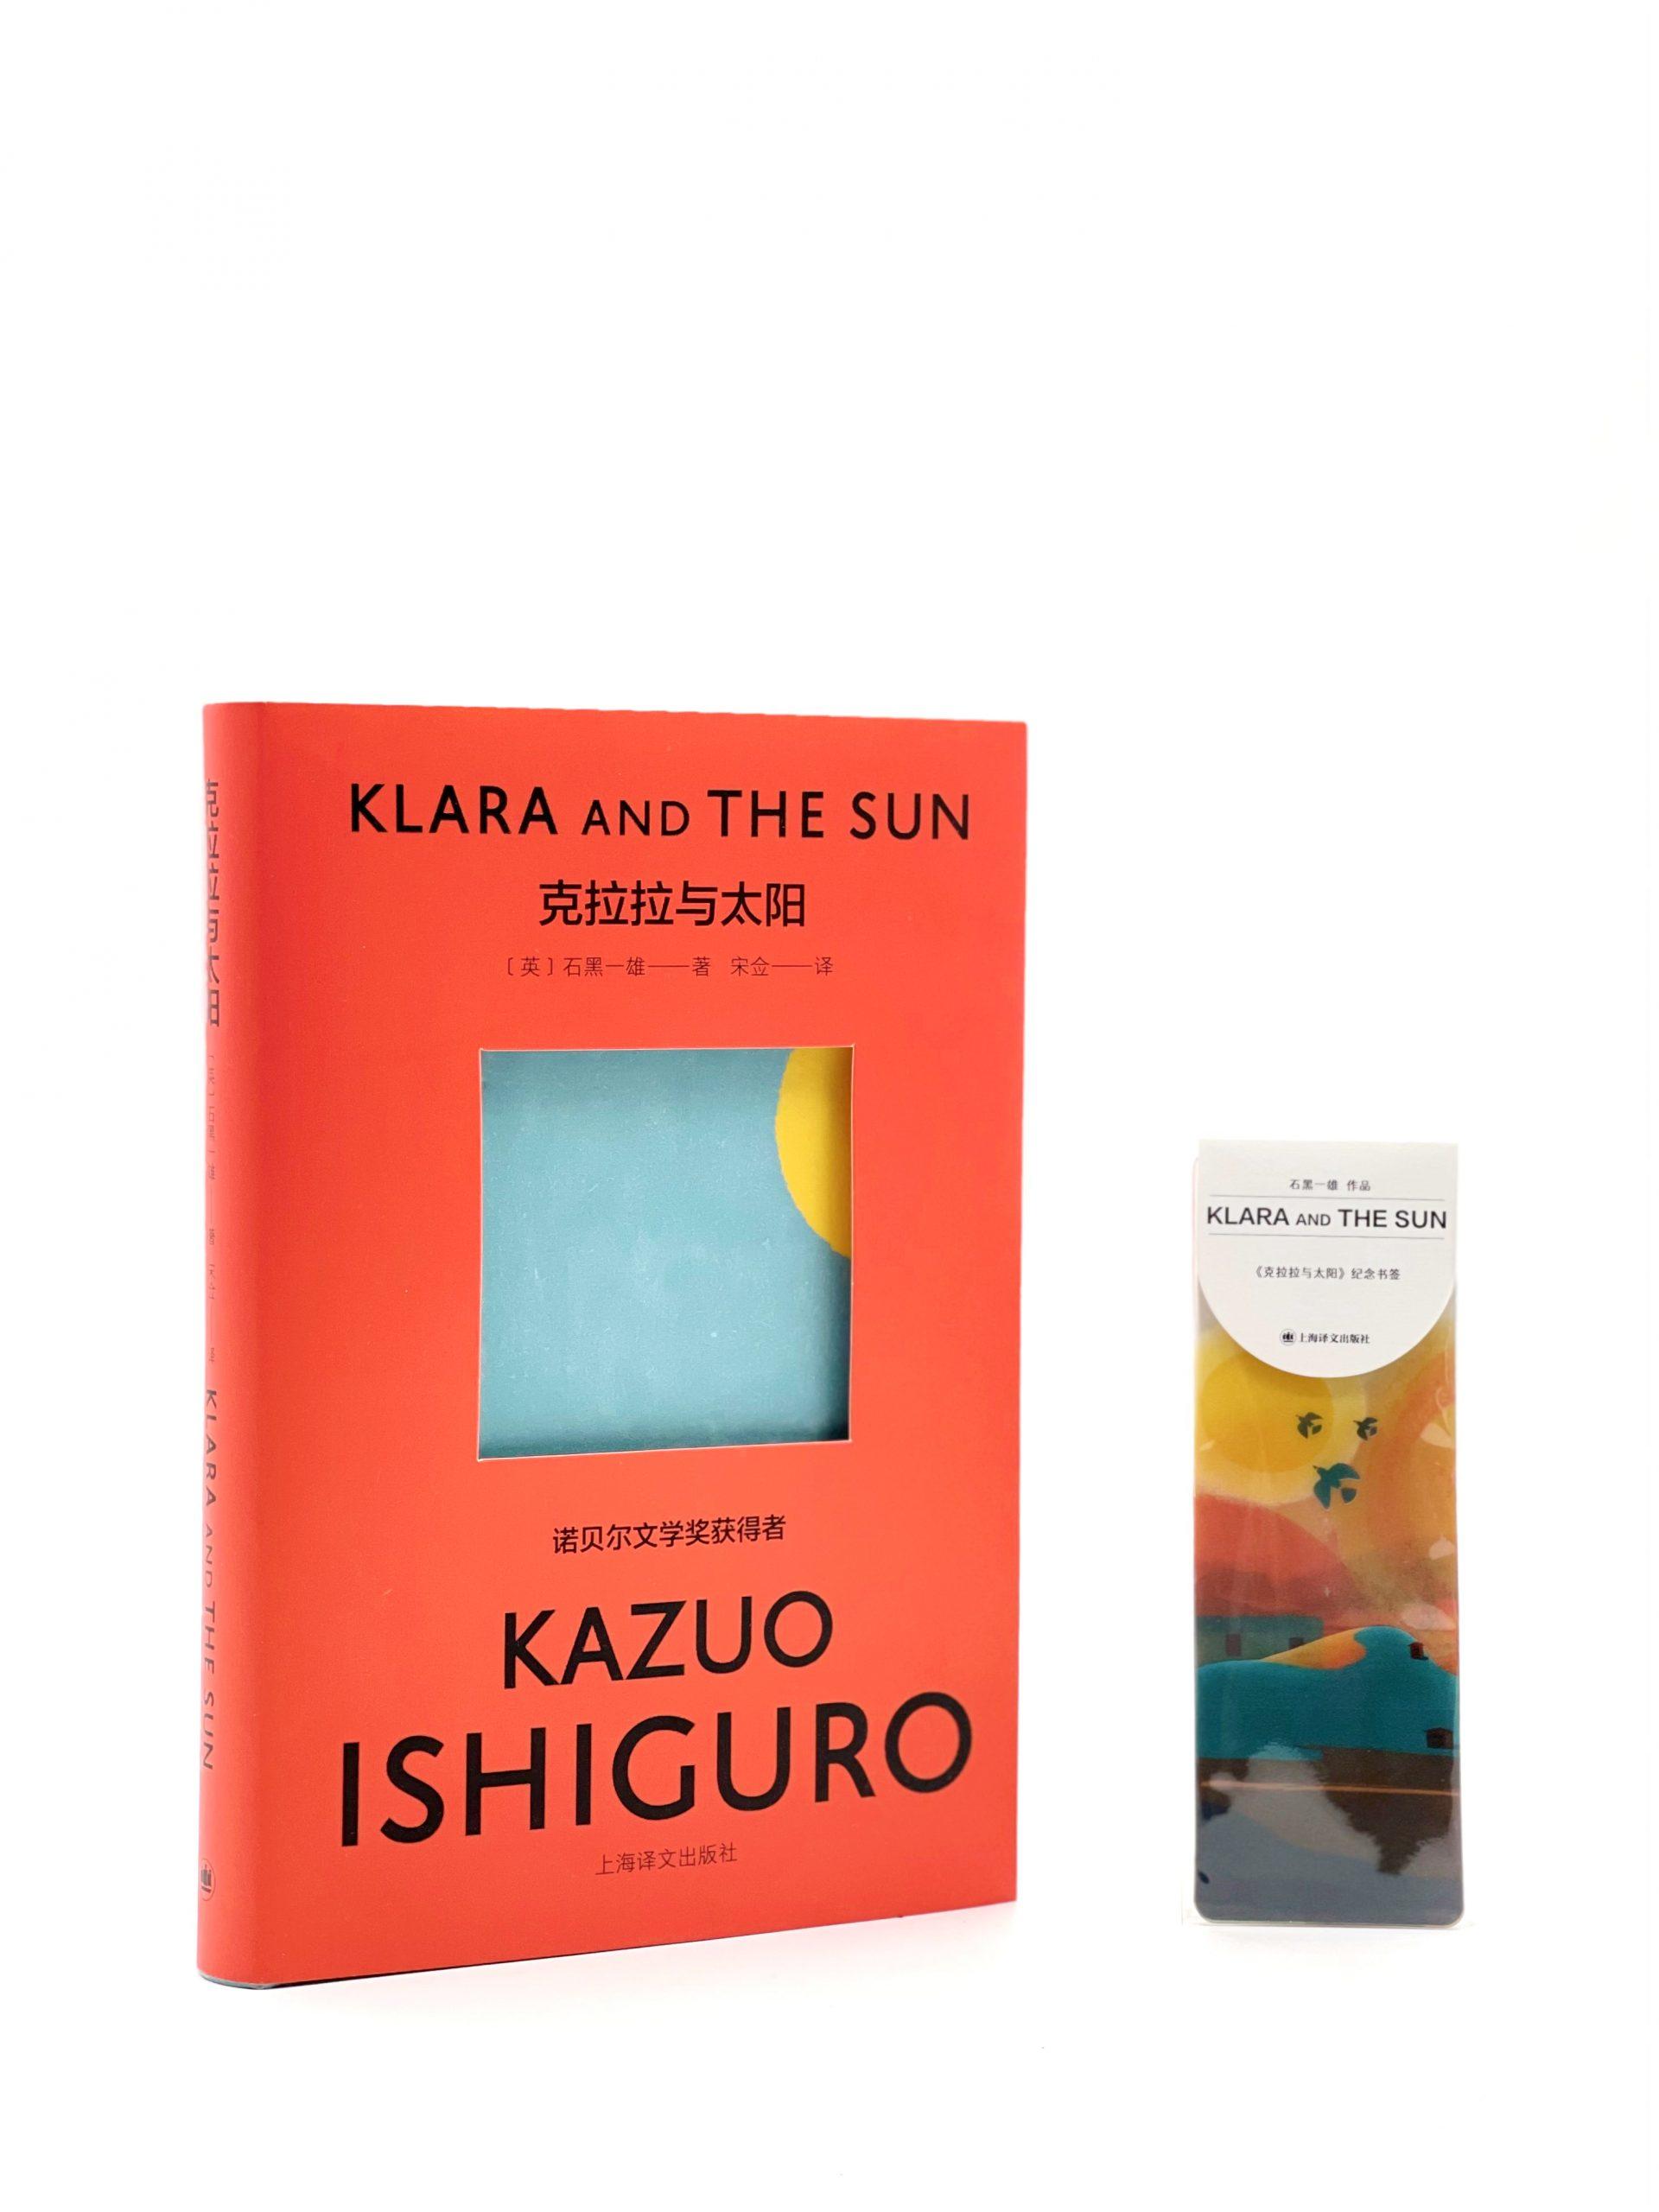 诺奖得主石黑一雄最新小说《克拉拉与太阳》预售开启!-出版人杂志官网